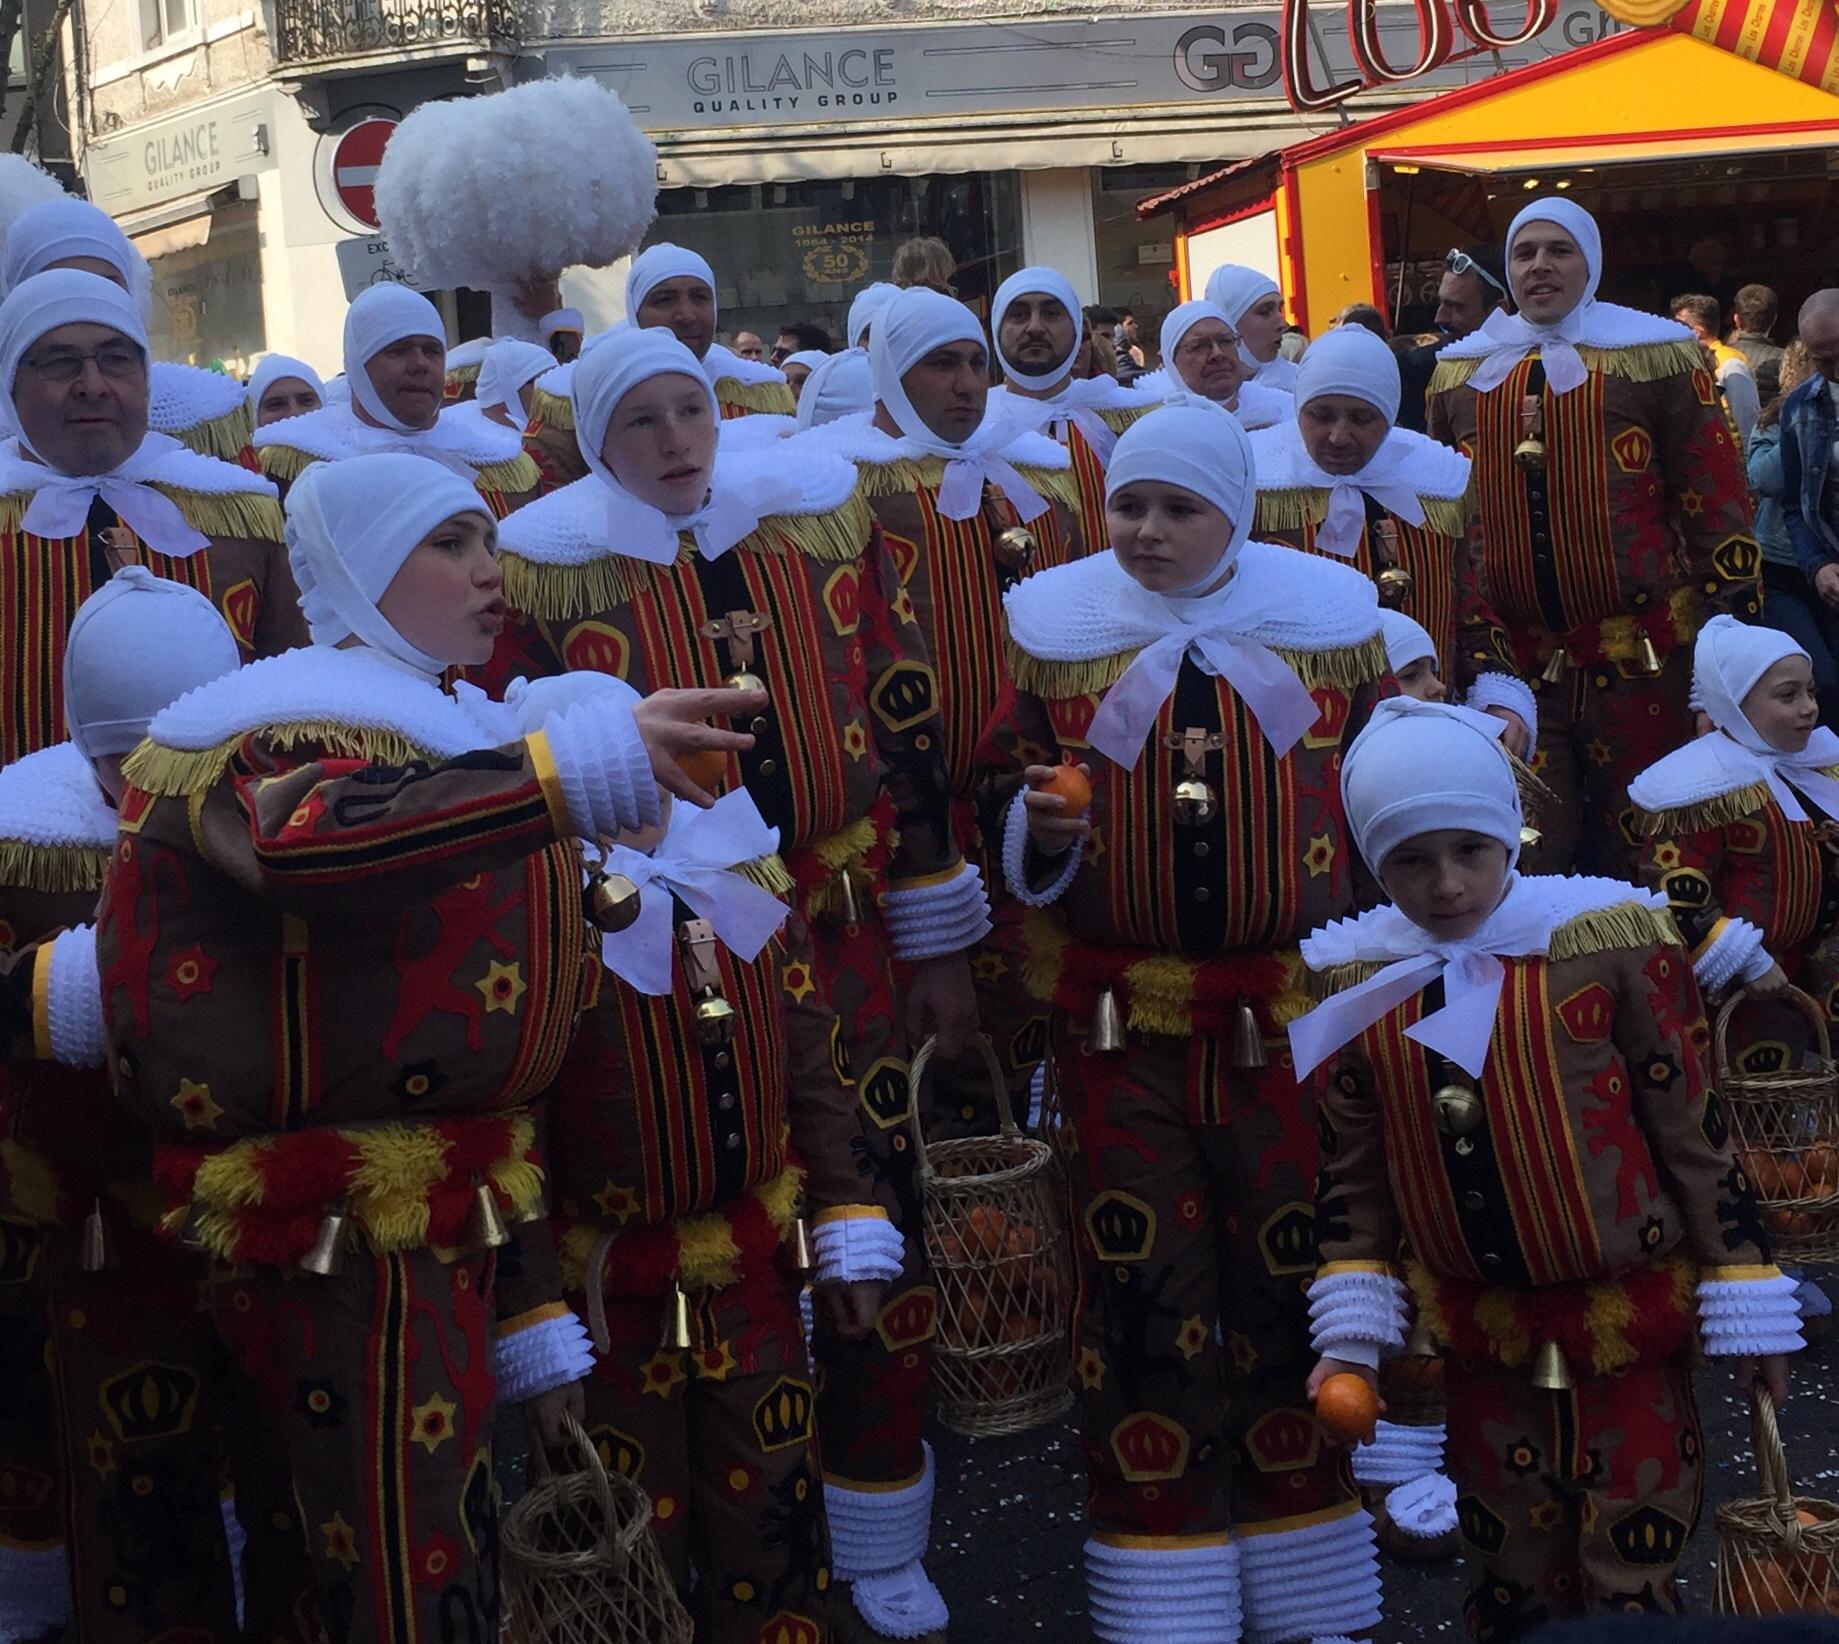 Carnival Gilles